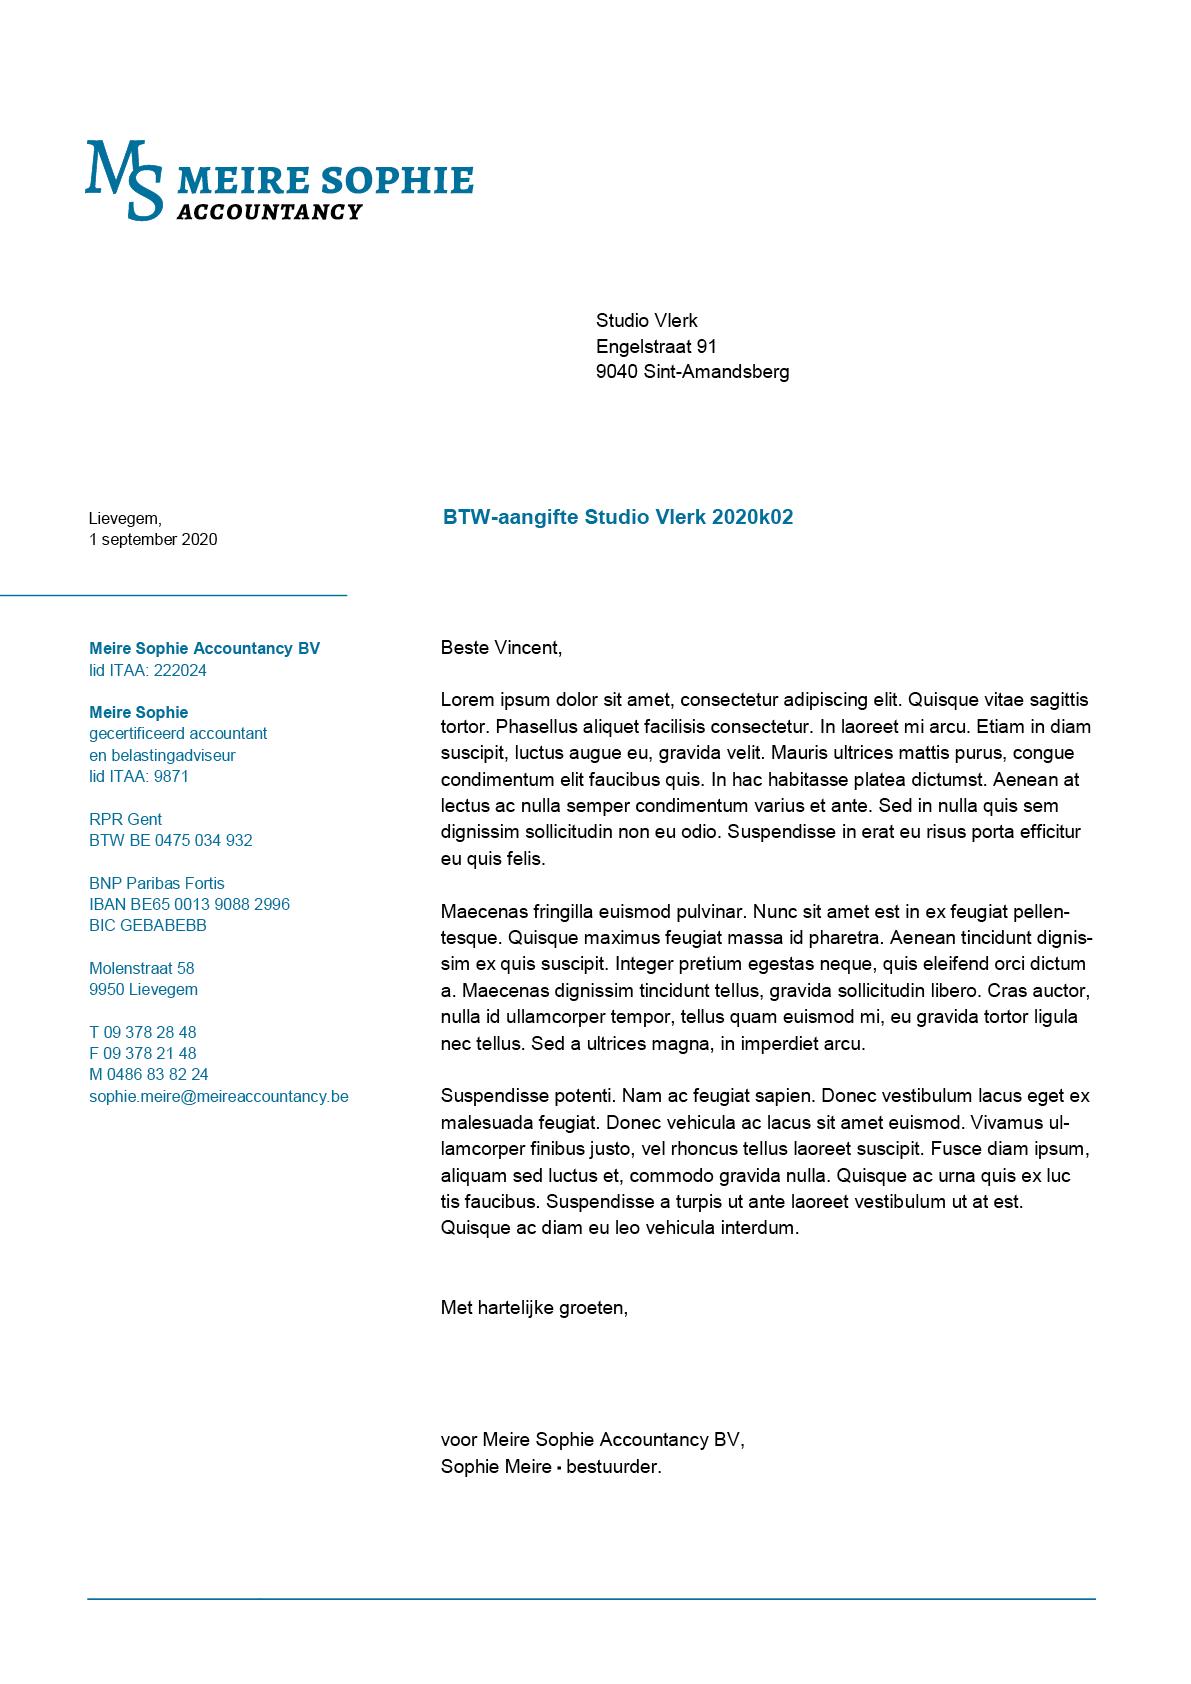 Brief-sjabloon voor Microsoft Word, met ingevulde velden